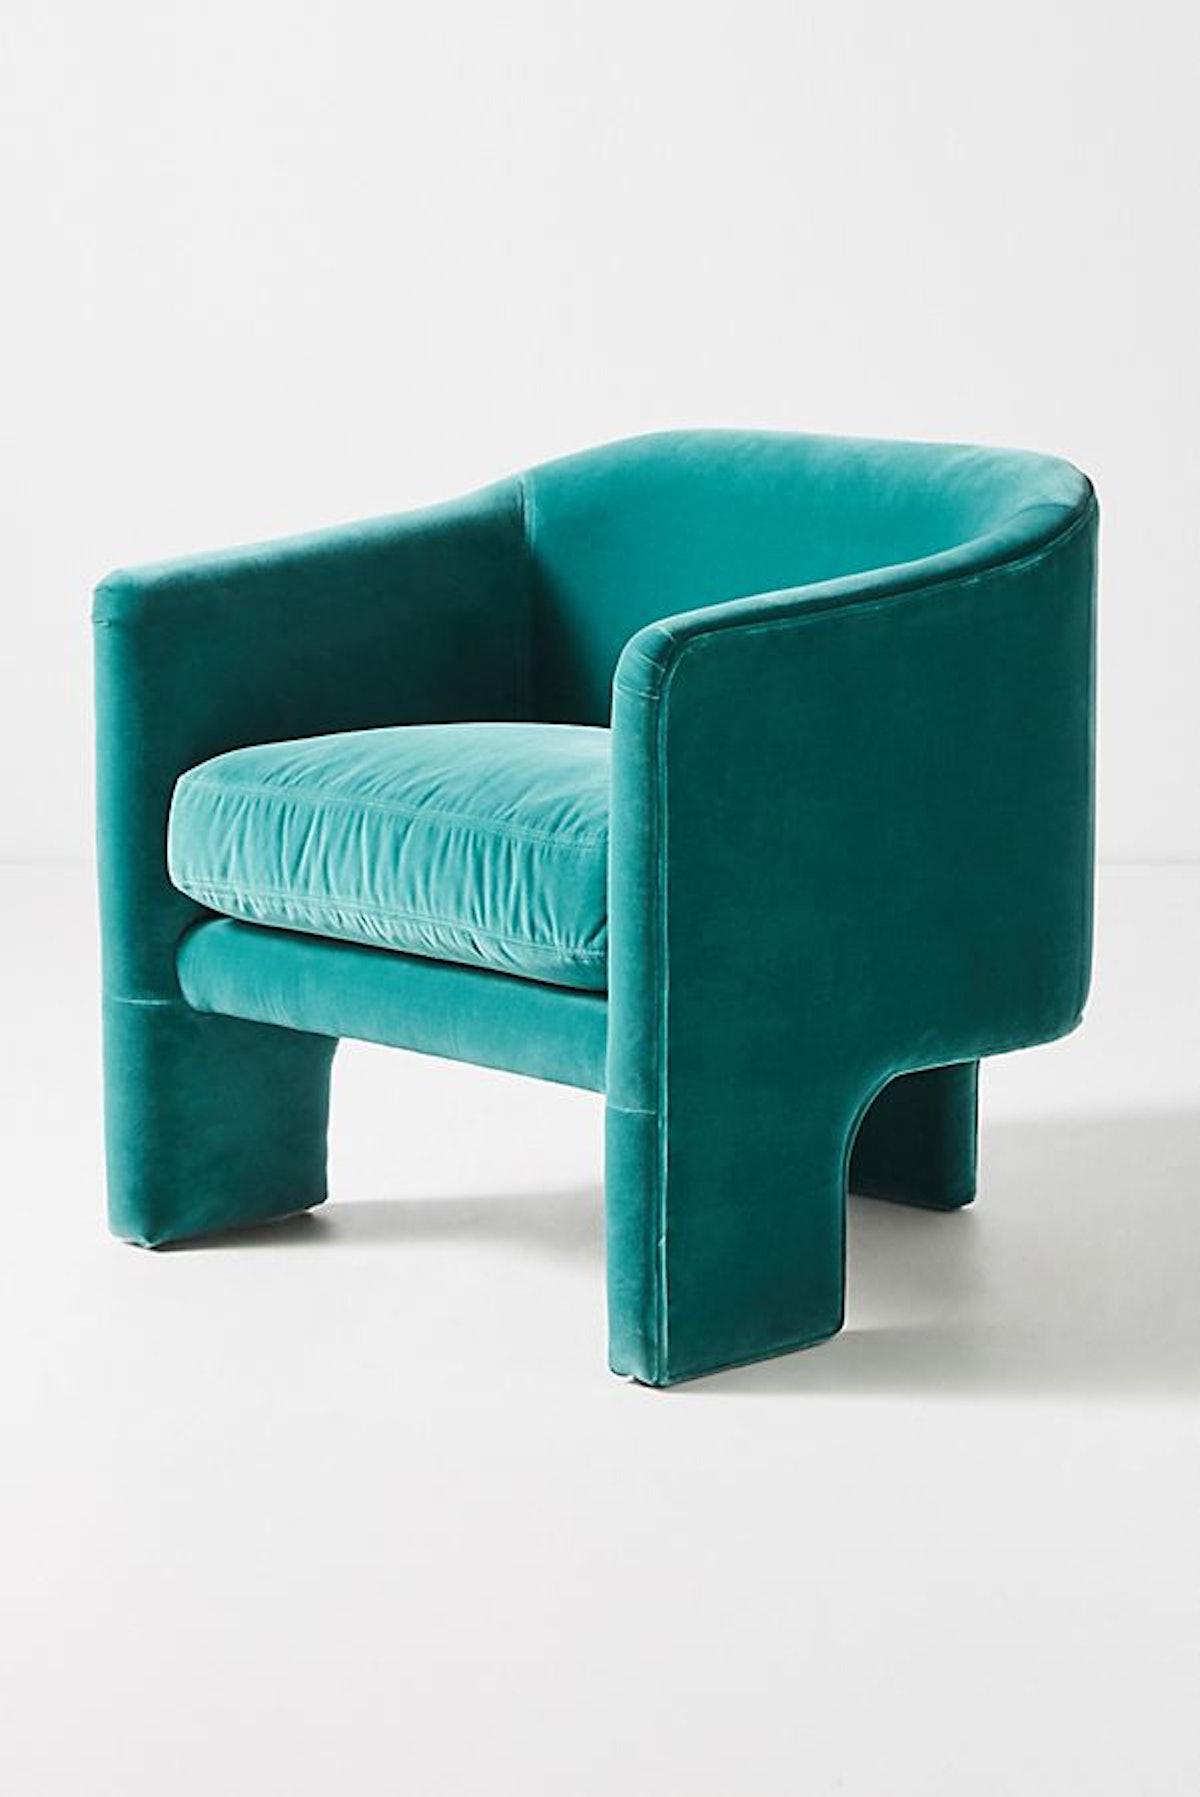 Effie Tripod Chair, Teal